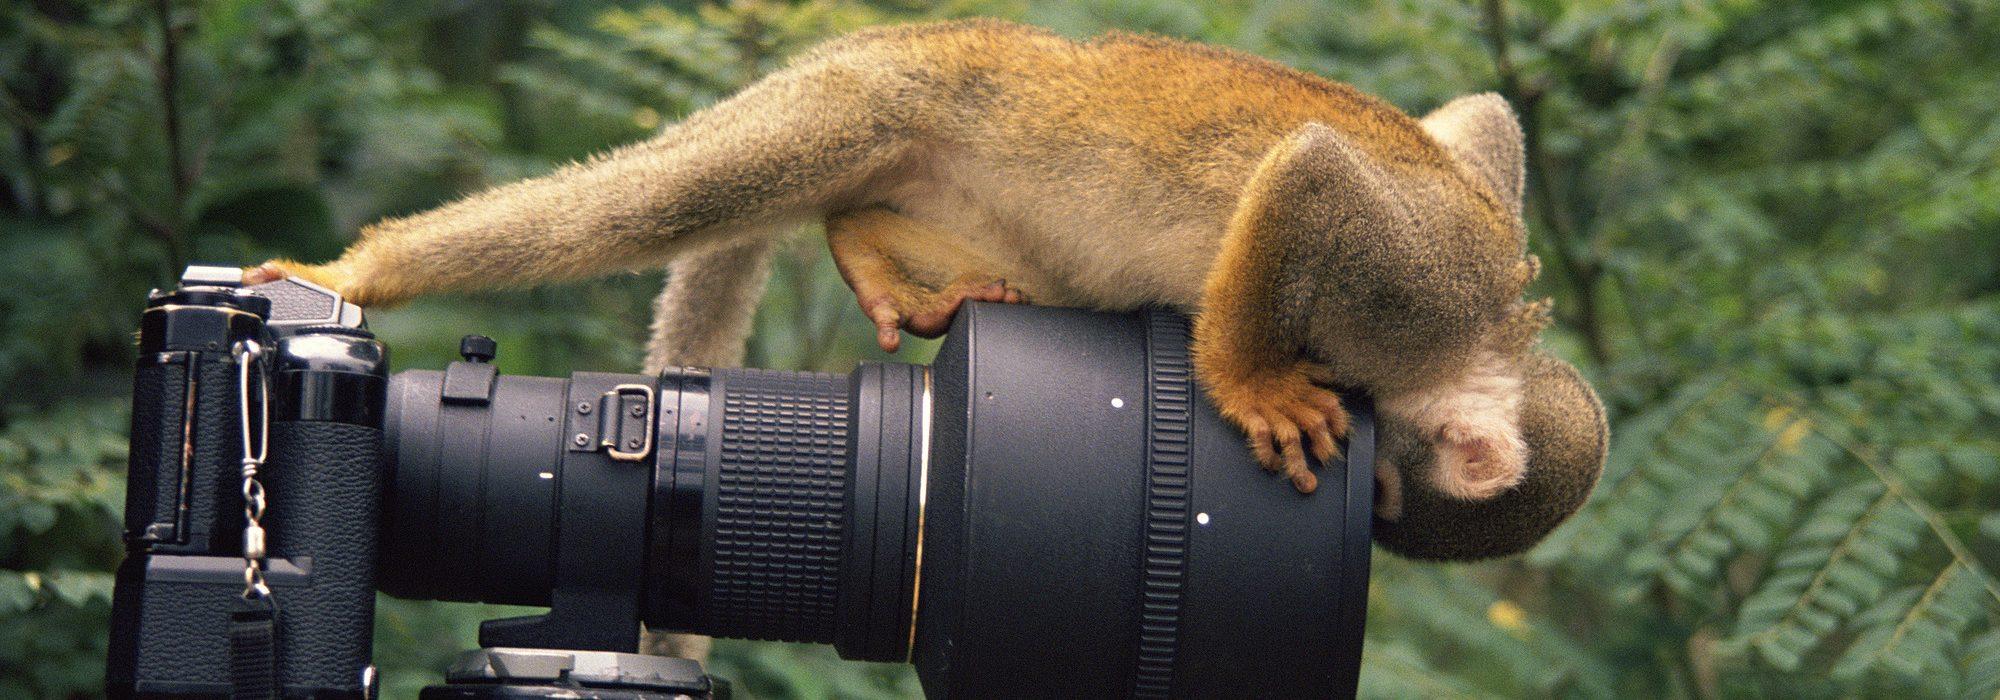 Squirrel monkey {Saimiri sciureus} investigates camera, Amazonia, Ecuador